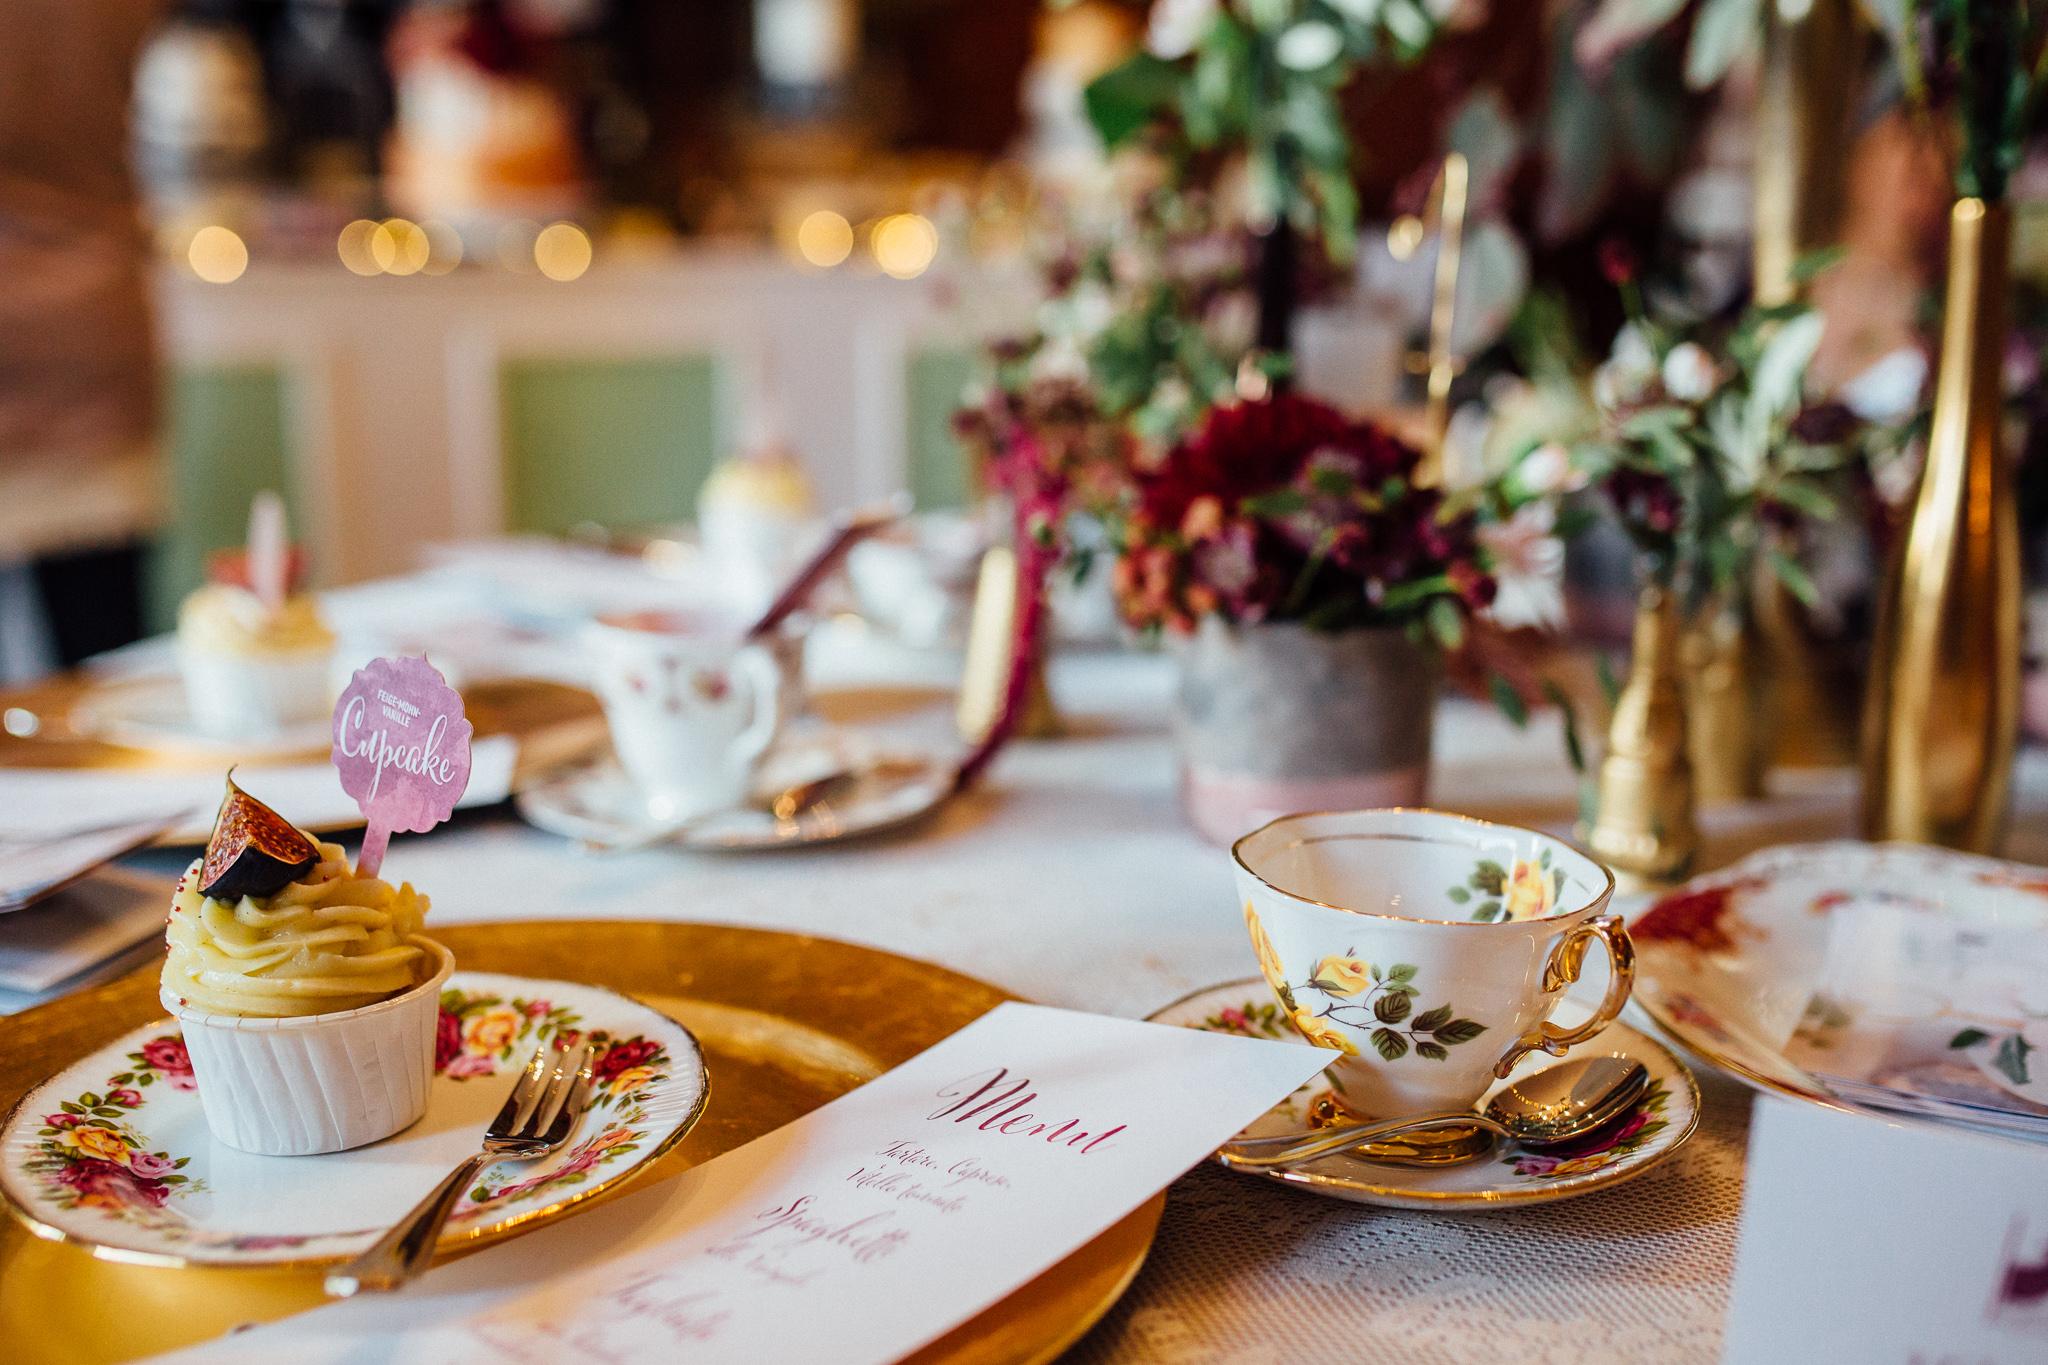 Tatsaechlich Liebe_Hochzeitsmesse_01